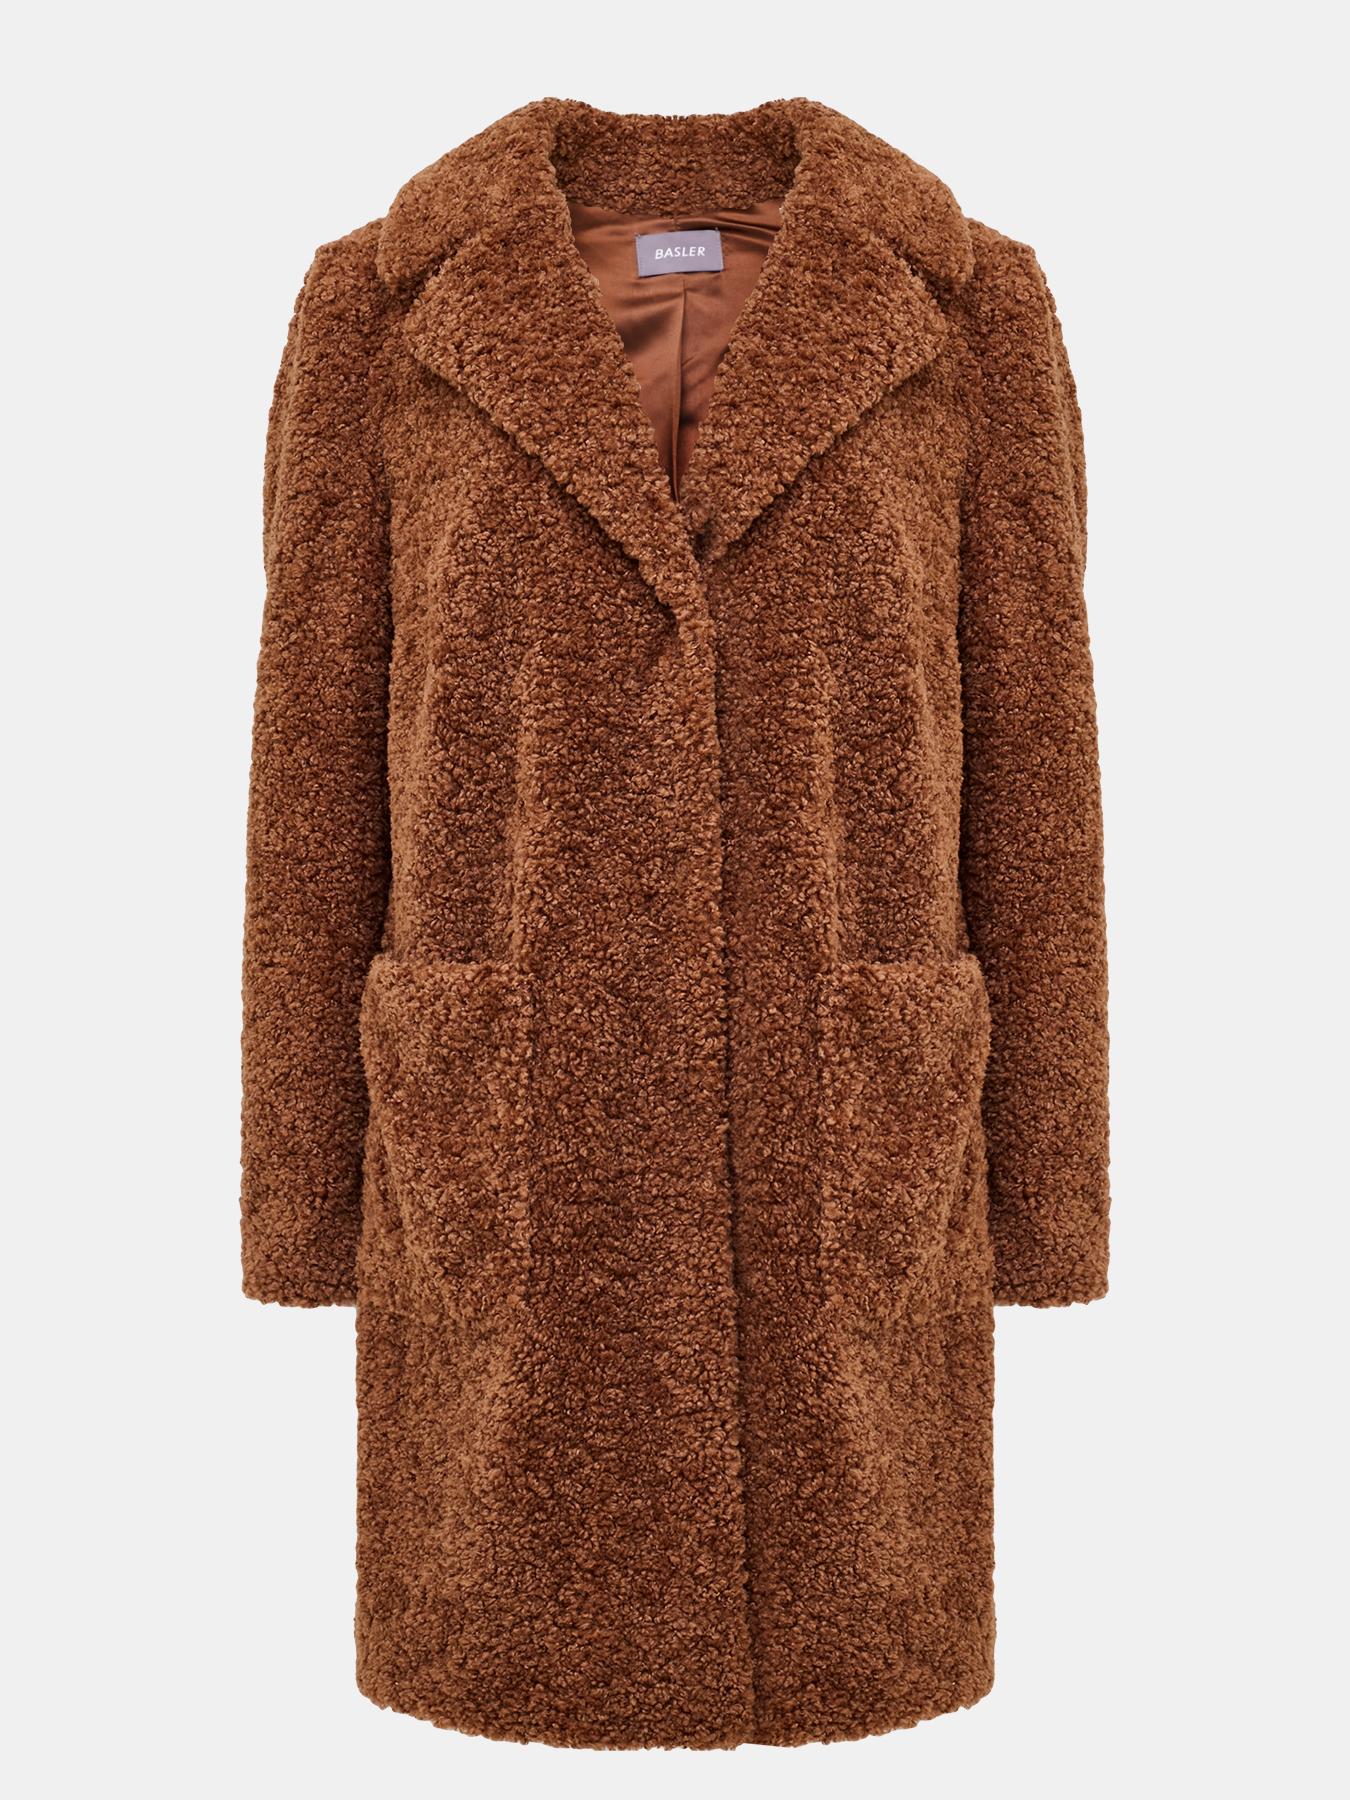 Пальто Basler Пальто пальто imperial пальто